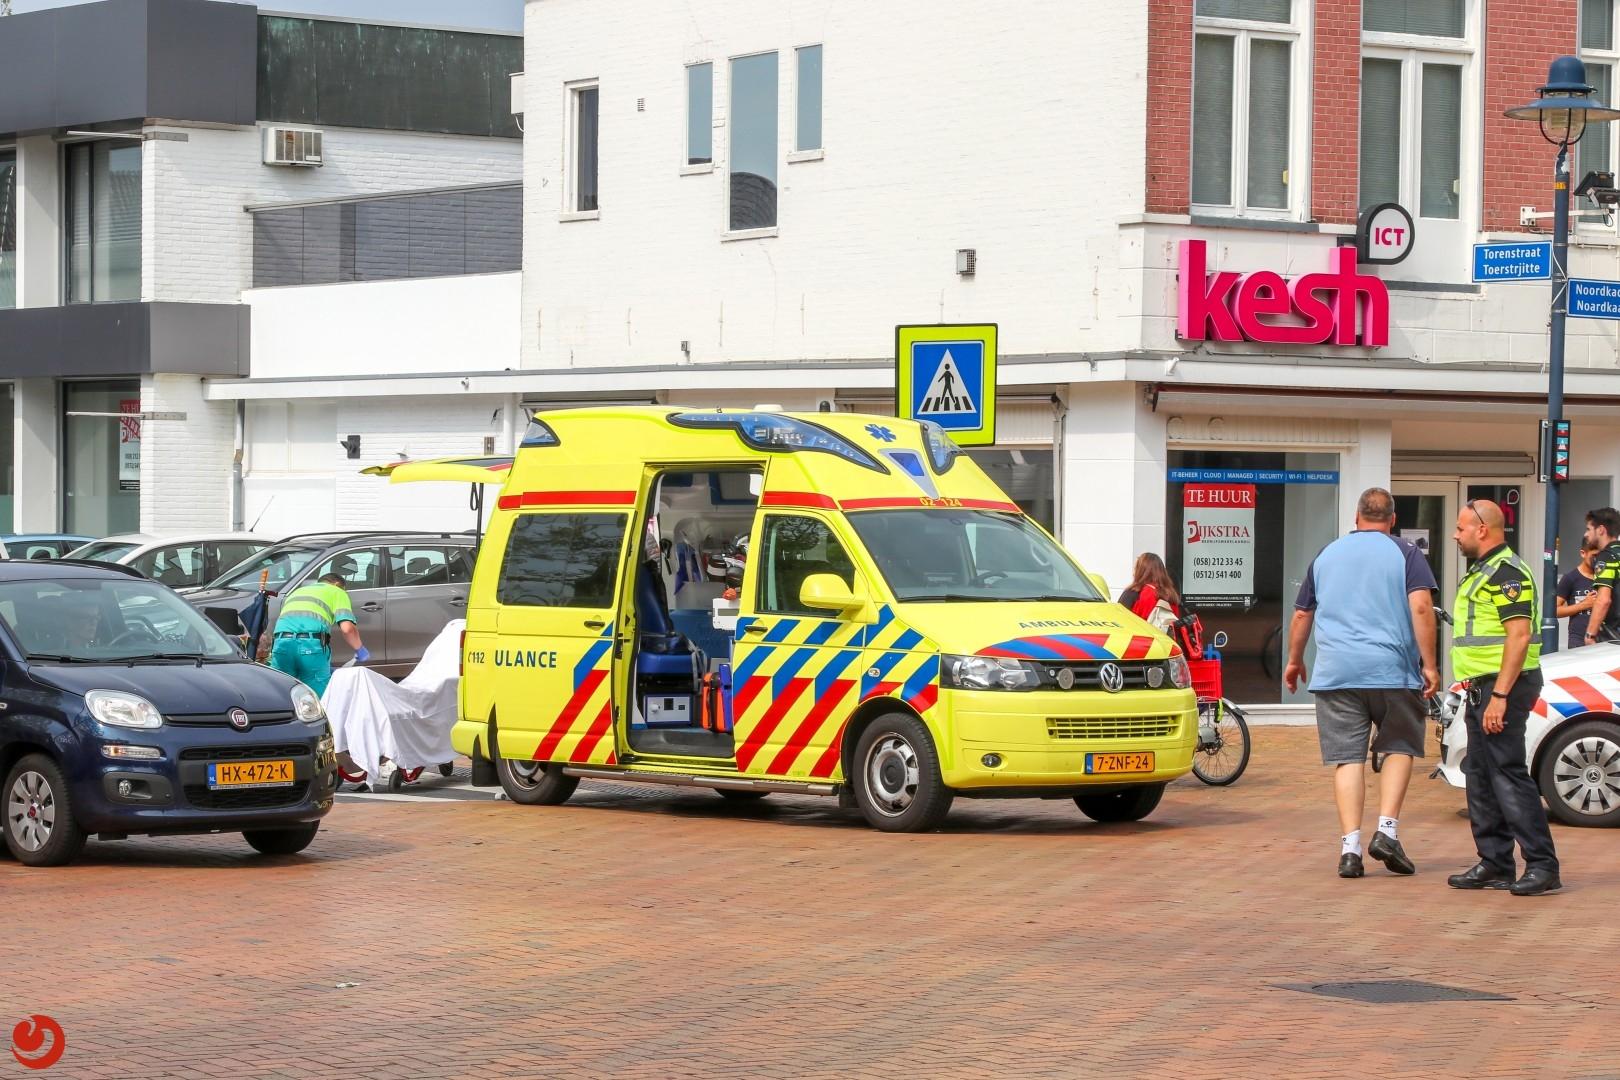 Vrouw in scootmobiel gewond na uitwijkactie